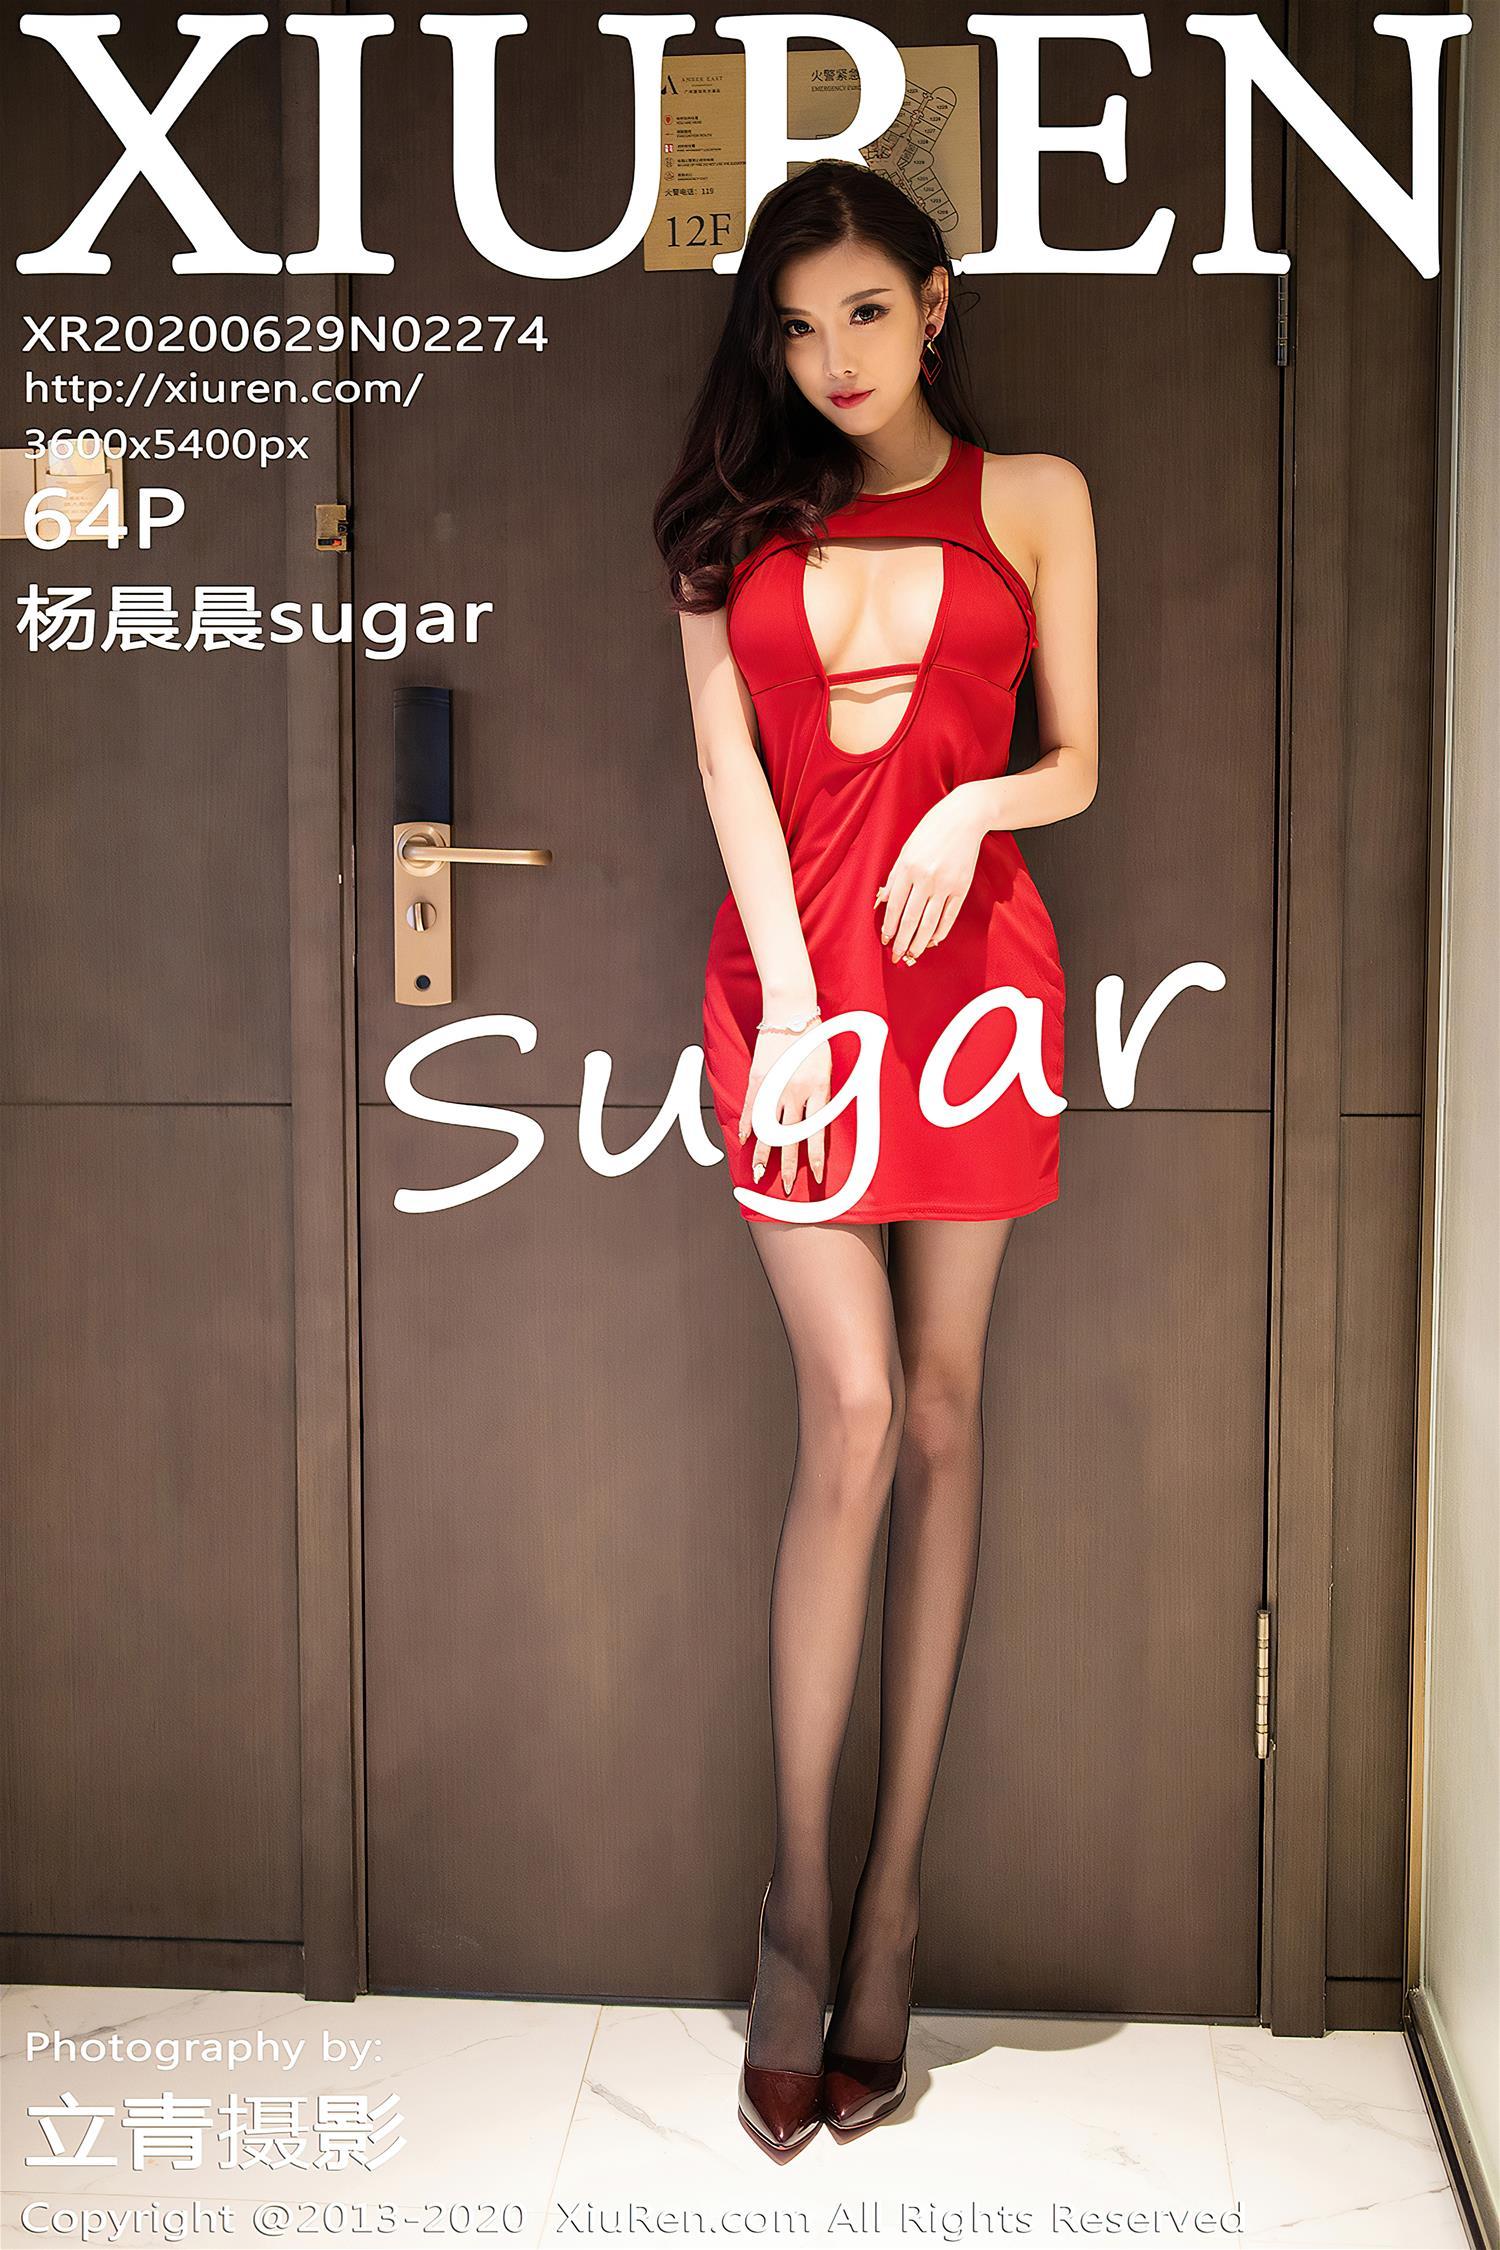 [XiuRen秀人网] 2020.06.29 NO.2274 杨晨晨sugar [65P]